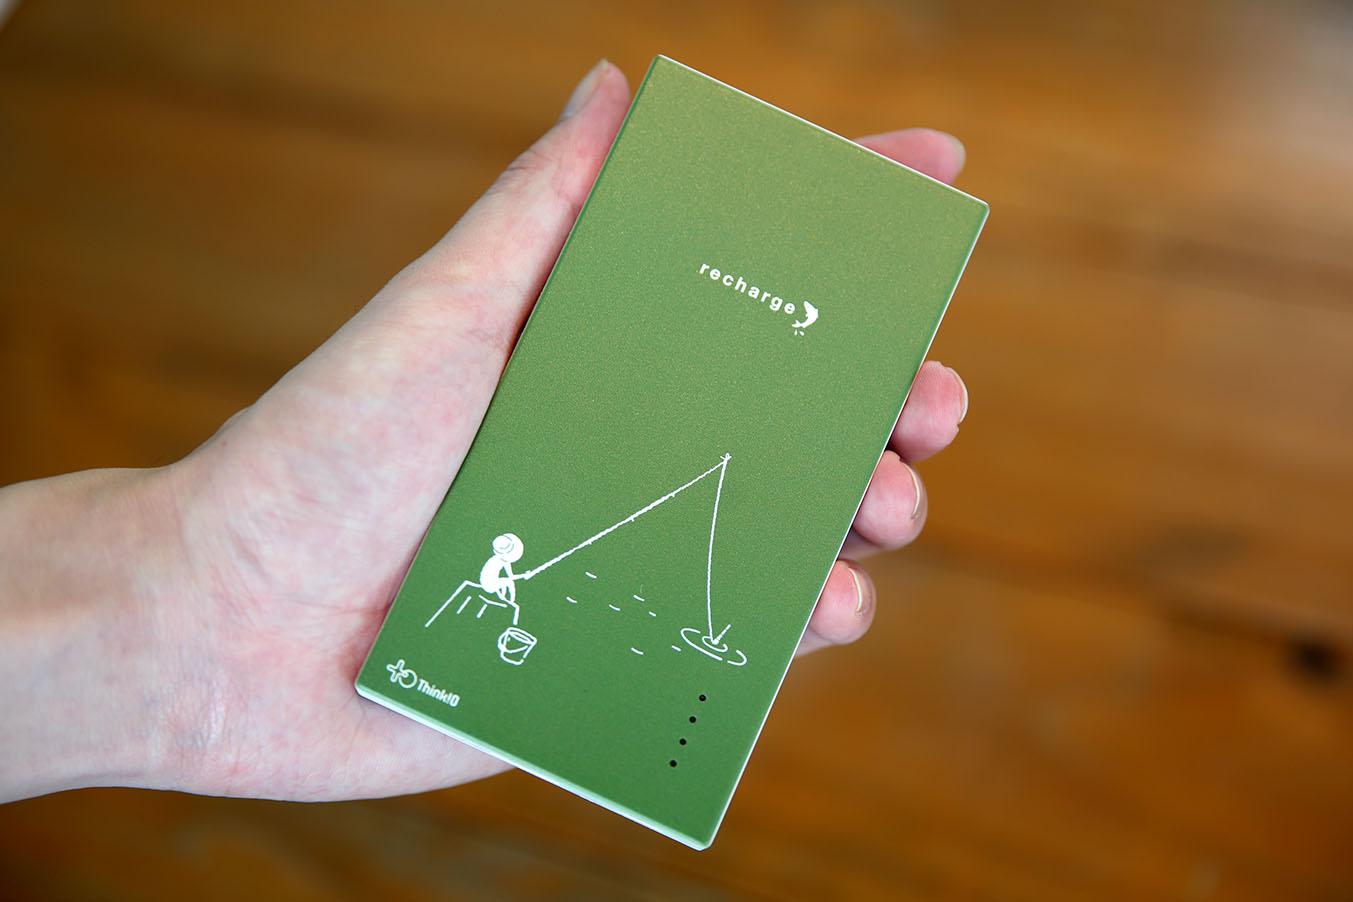 【モバイルバッテリー】MB-Recharge 釣り